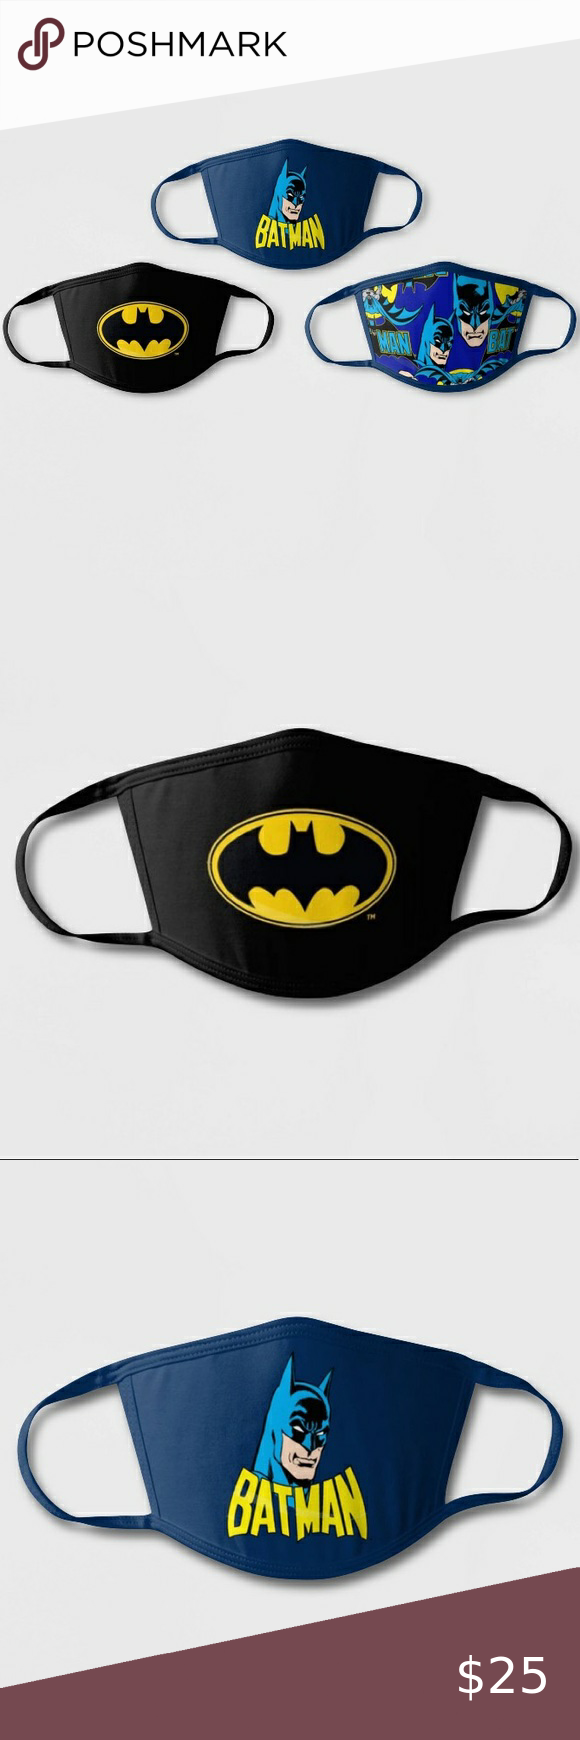 New Kids Batman Face Masks Cover Batman Kids New Kids Face Mask